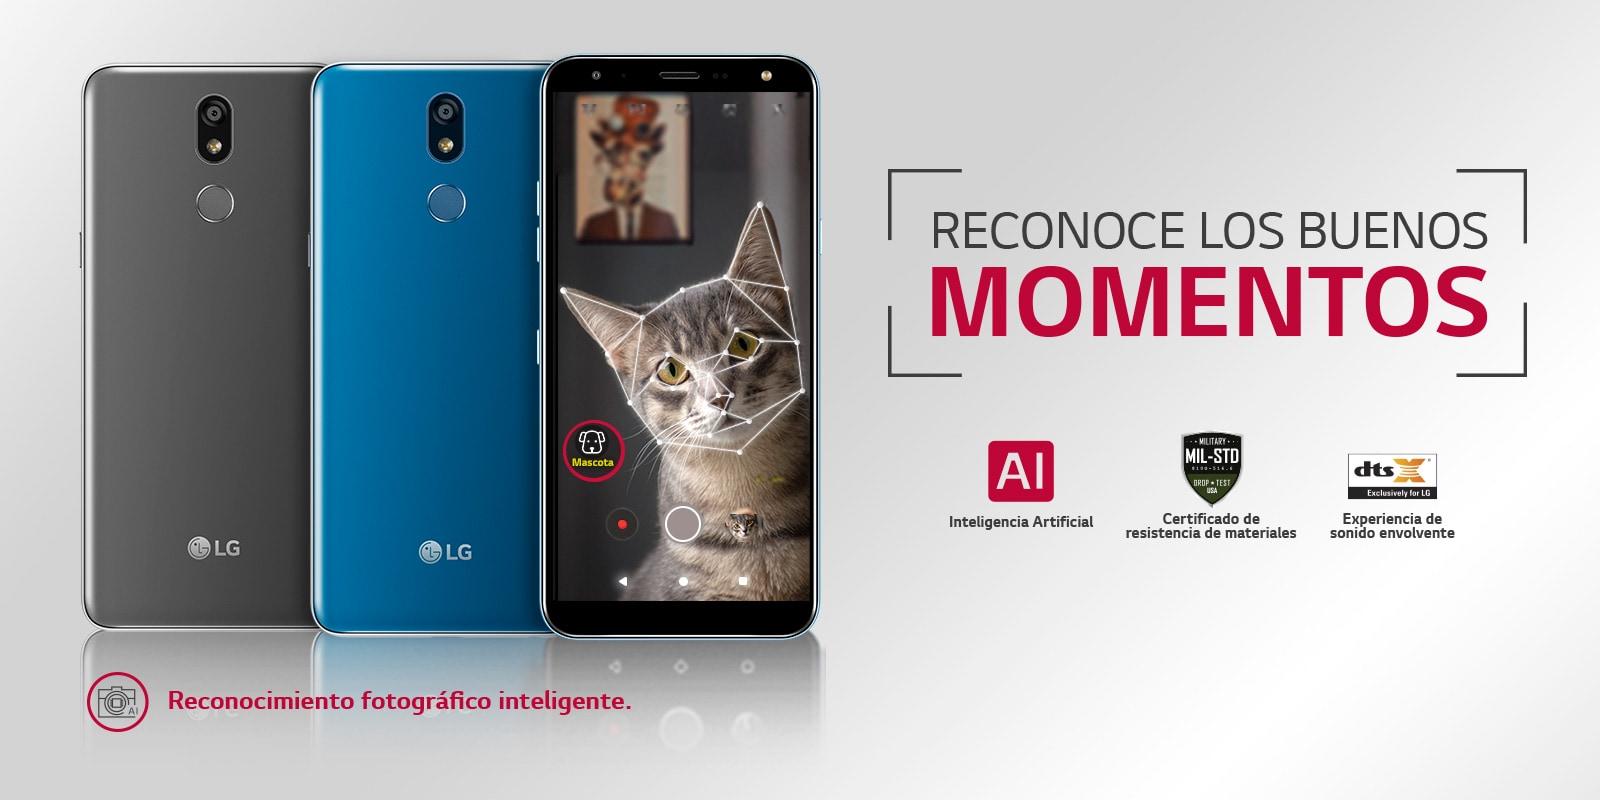 c6375c62184 Todo Celulares: Teléfonos eficientes y atractivos | LG Colombia